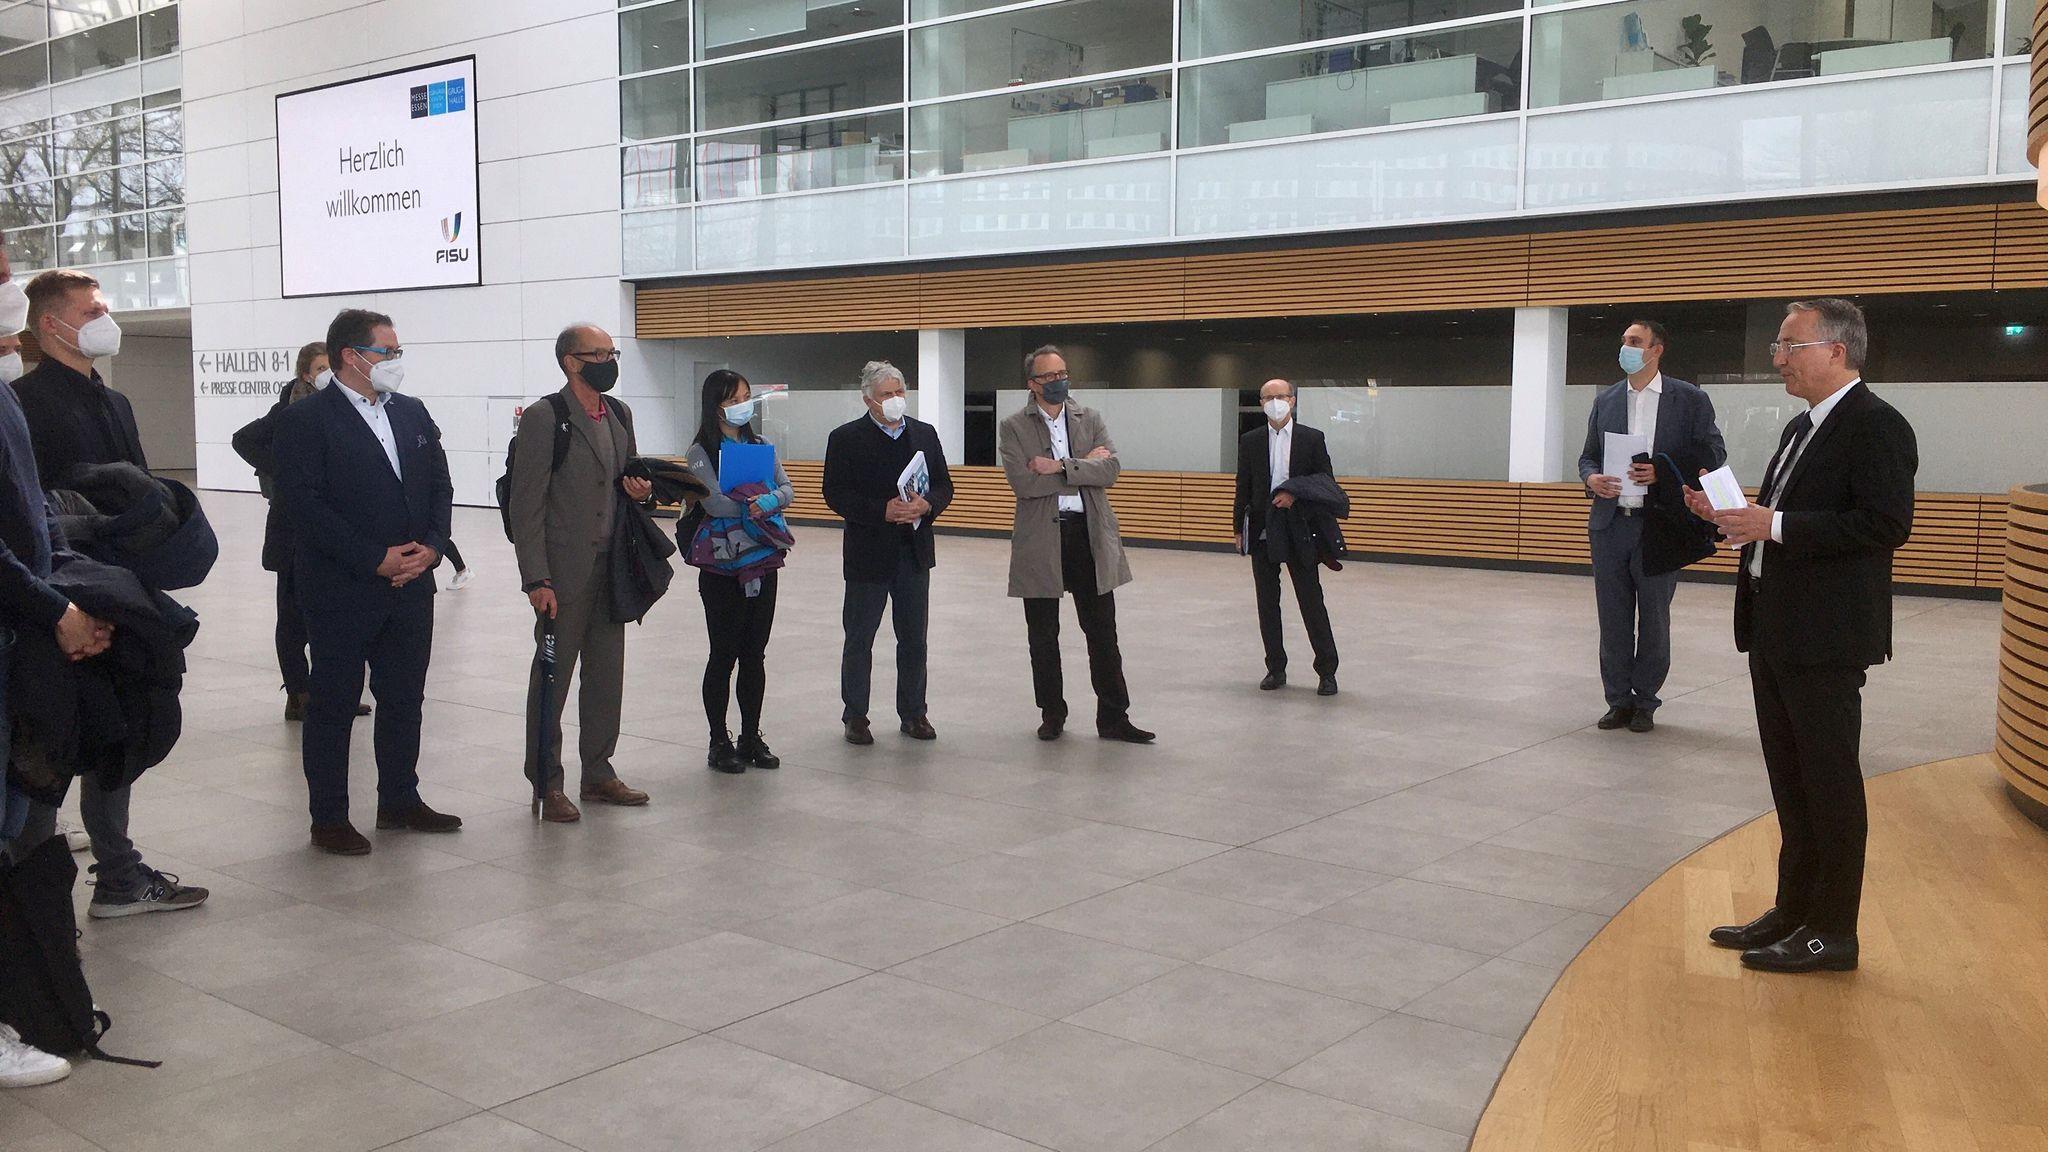 A successful site visit was held in Rhine-Ruhr ©FISU